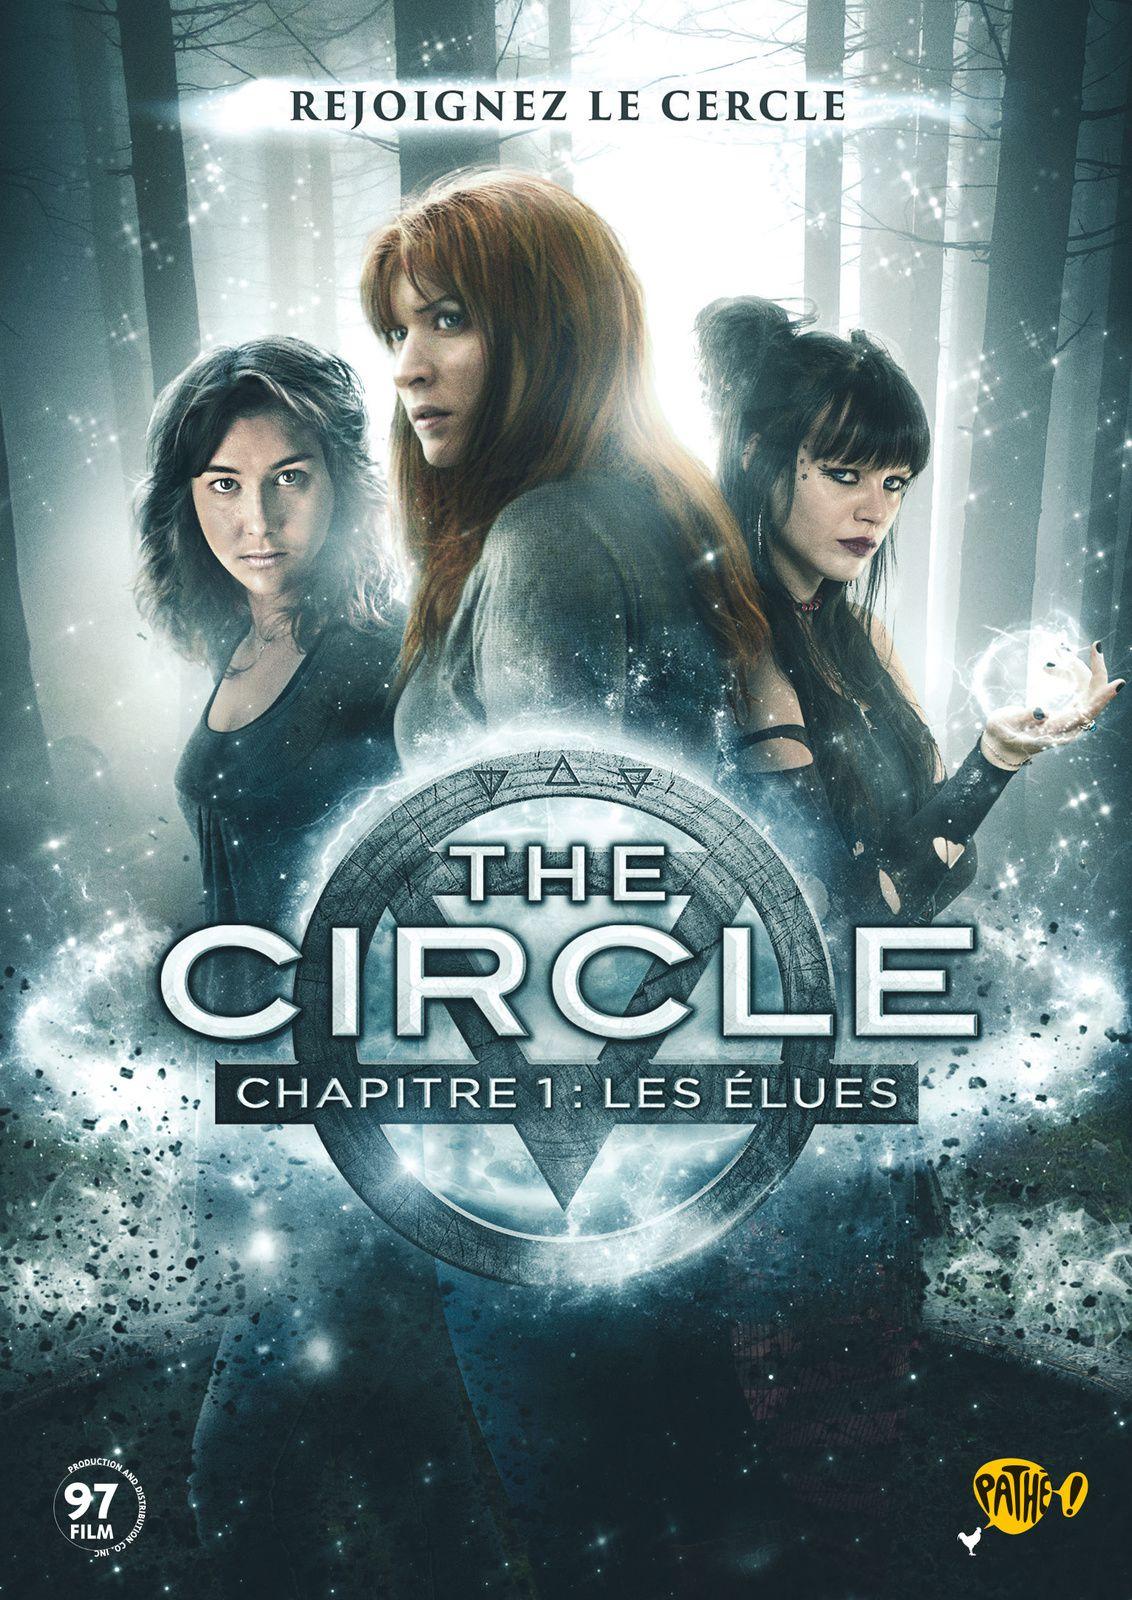 THE CIRCLE - Chapitre 1 : Les Elues - La bande-annonce - En DVD, Blu-Ray, VOD et téléchargement définitif le 23 avril 2016